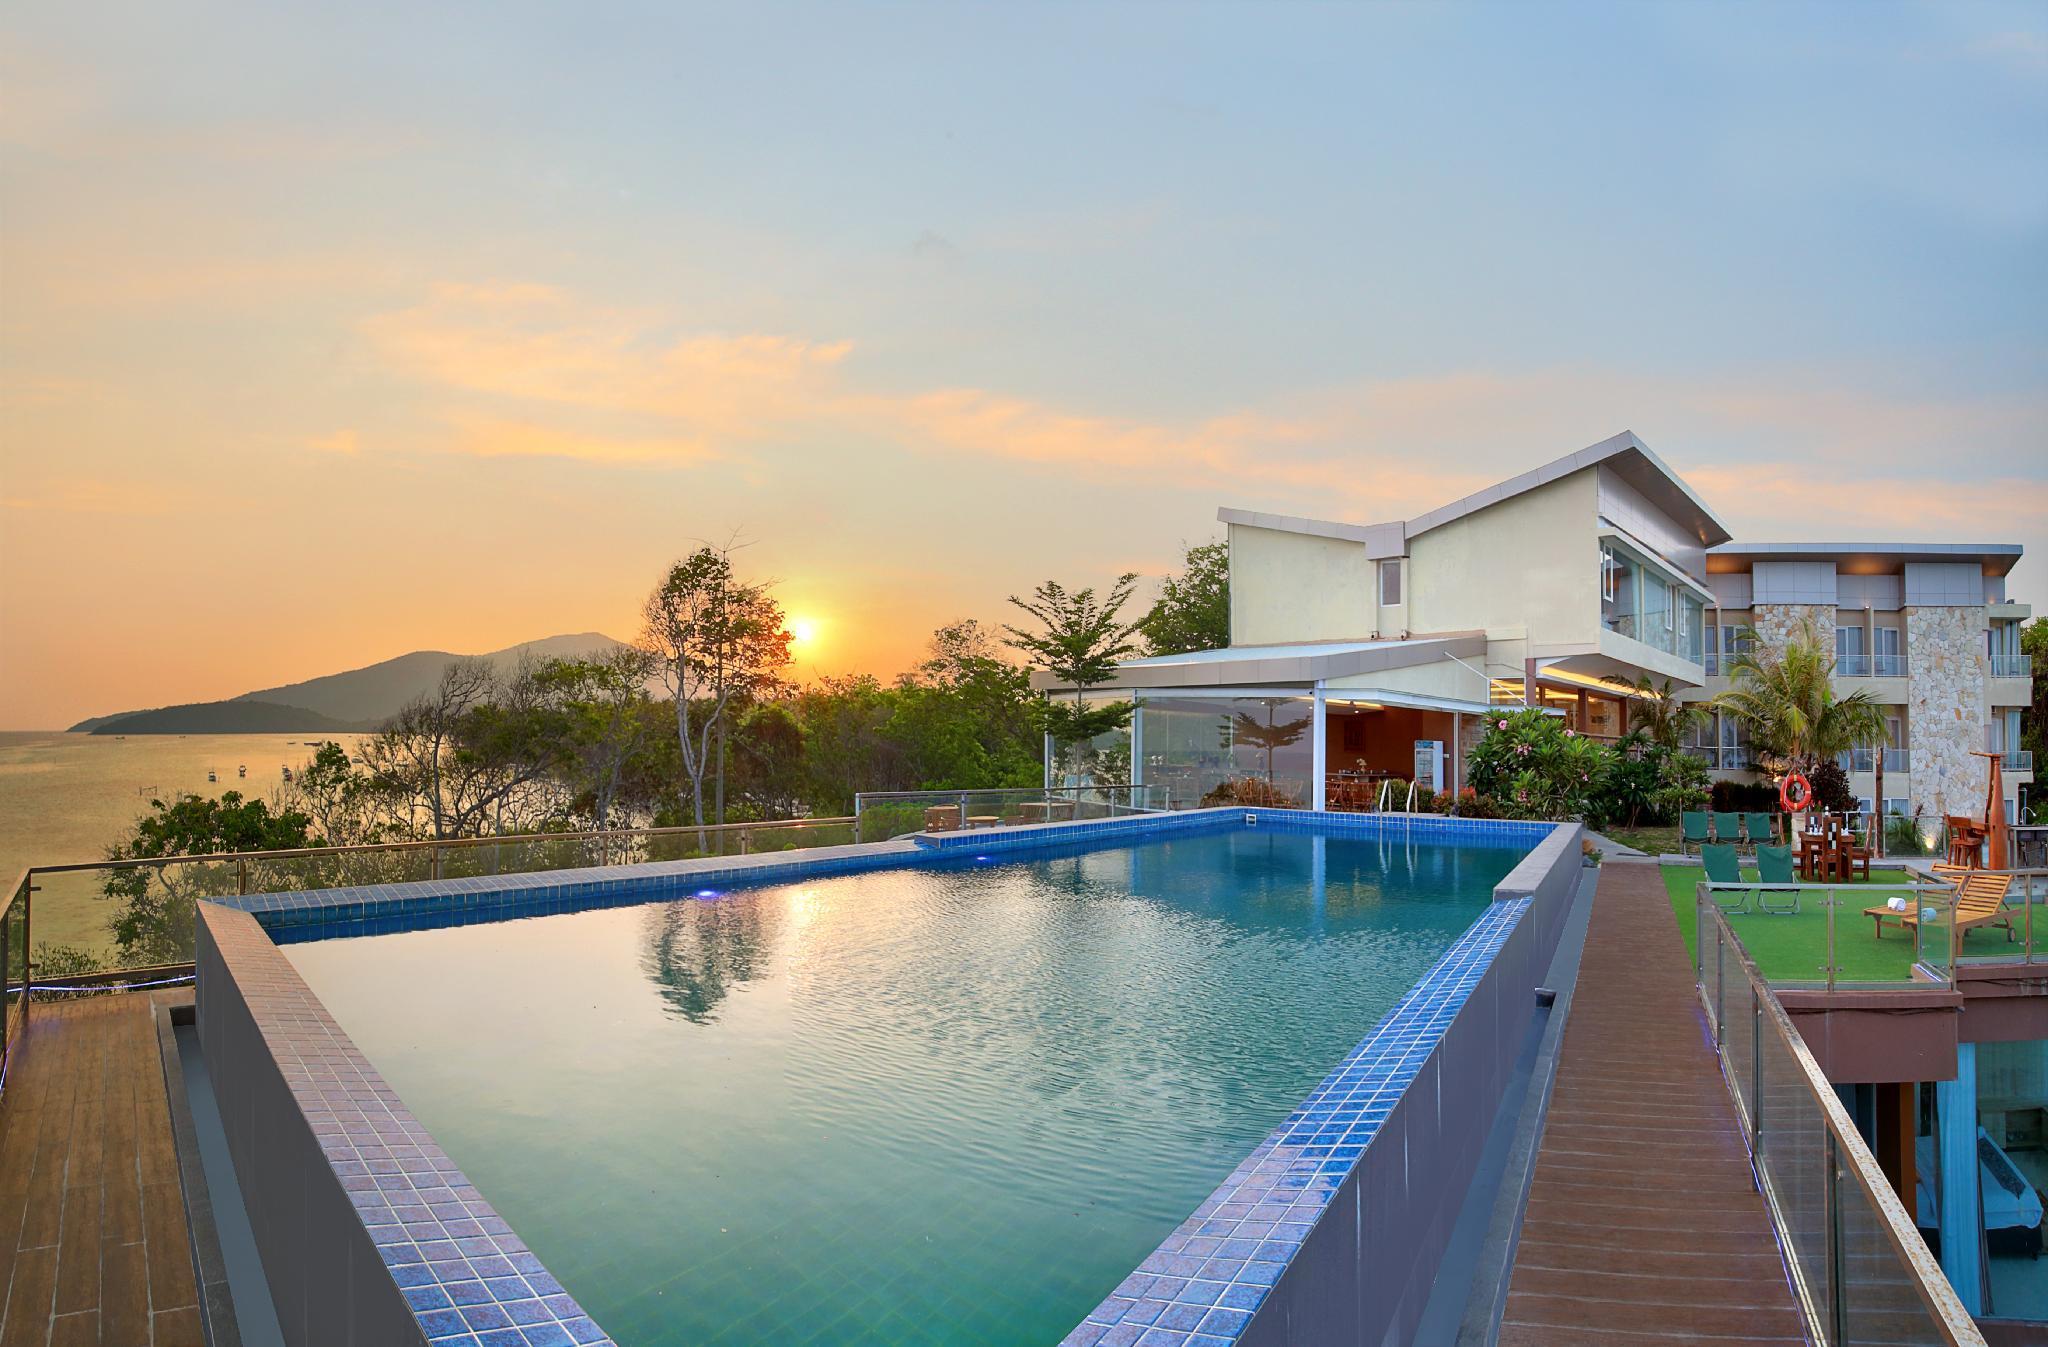 Royal Ocean View Beach Resort Karimunjawa